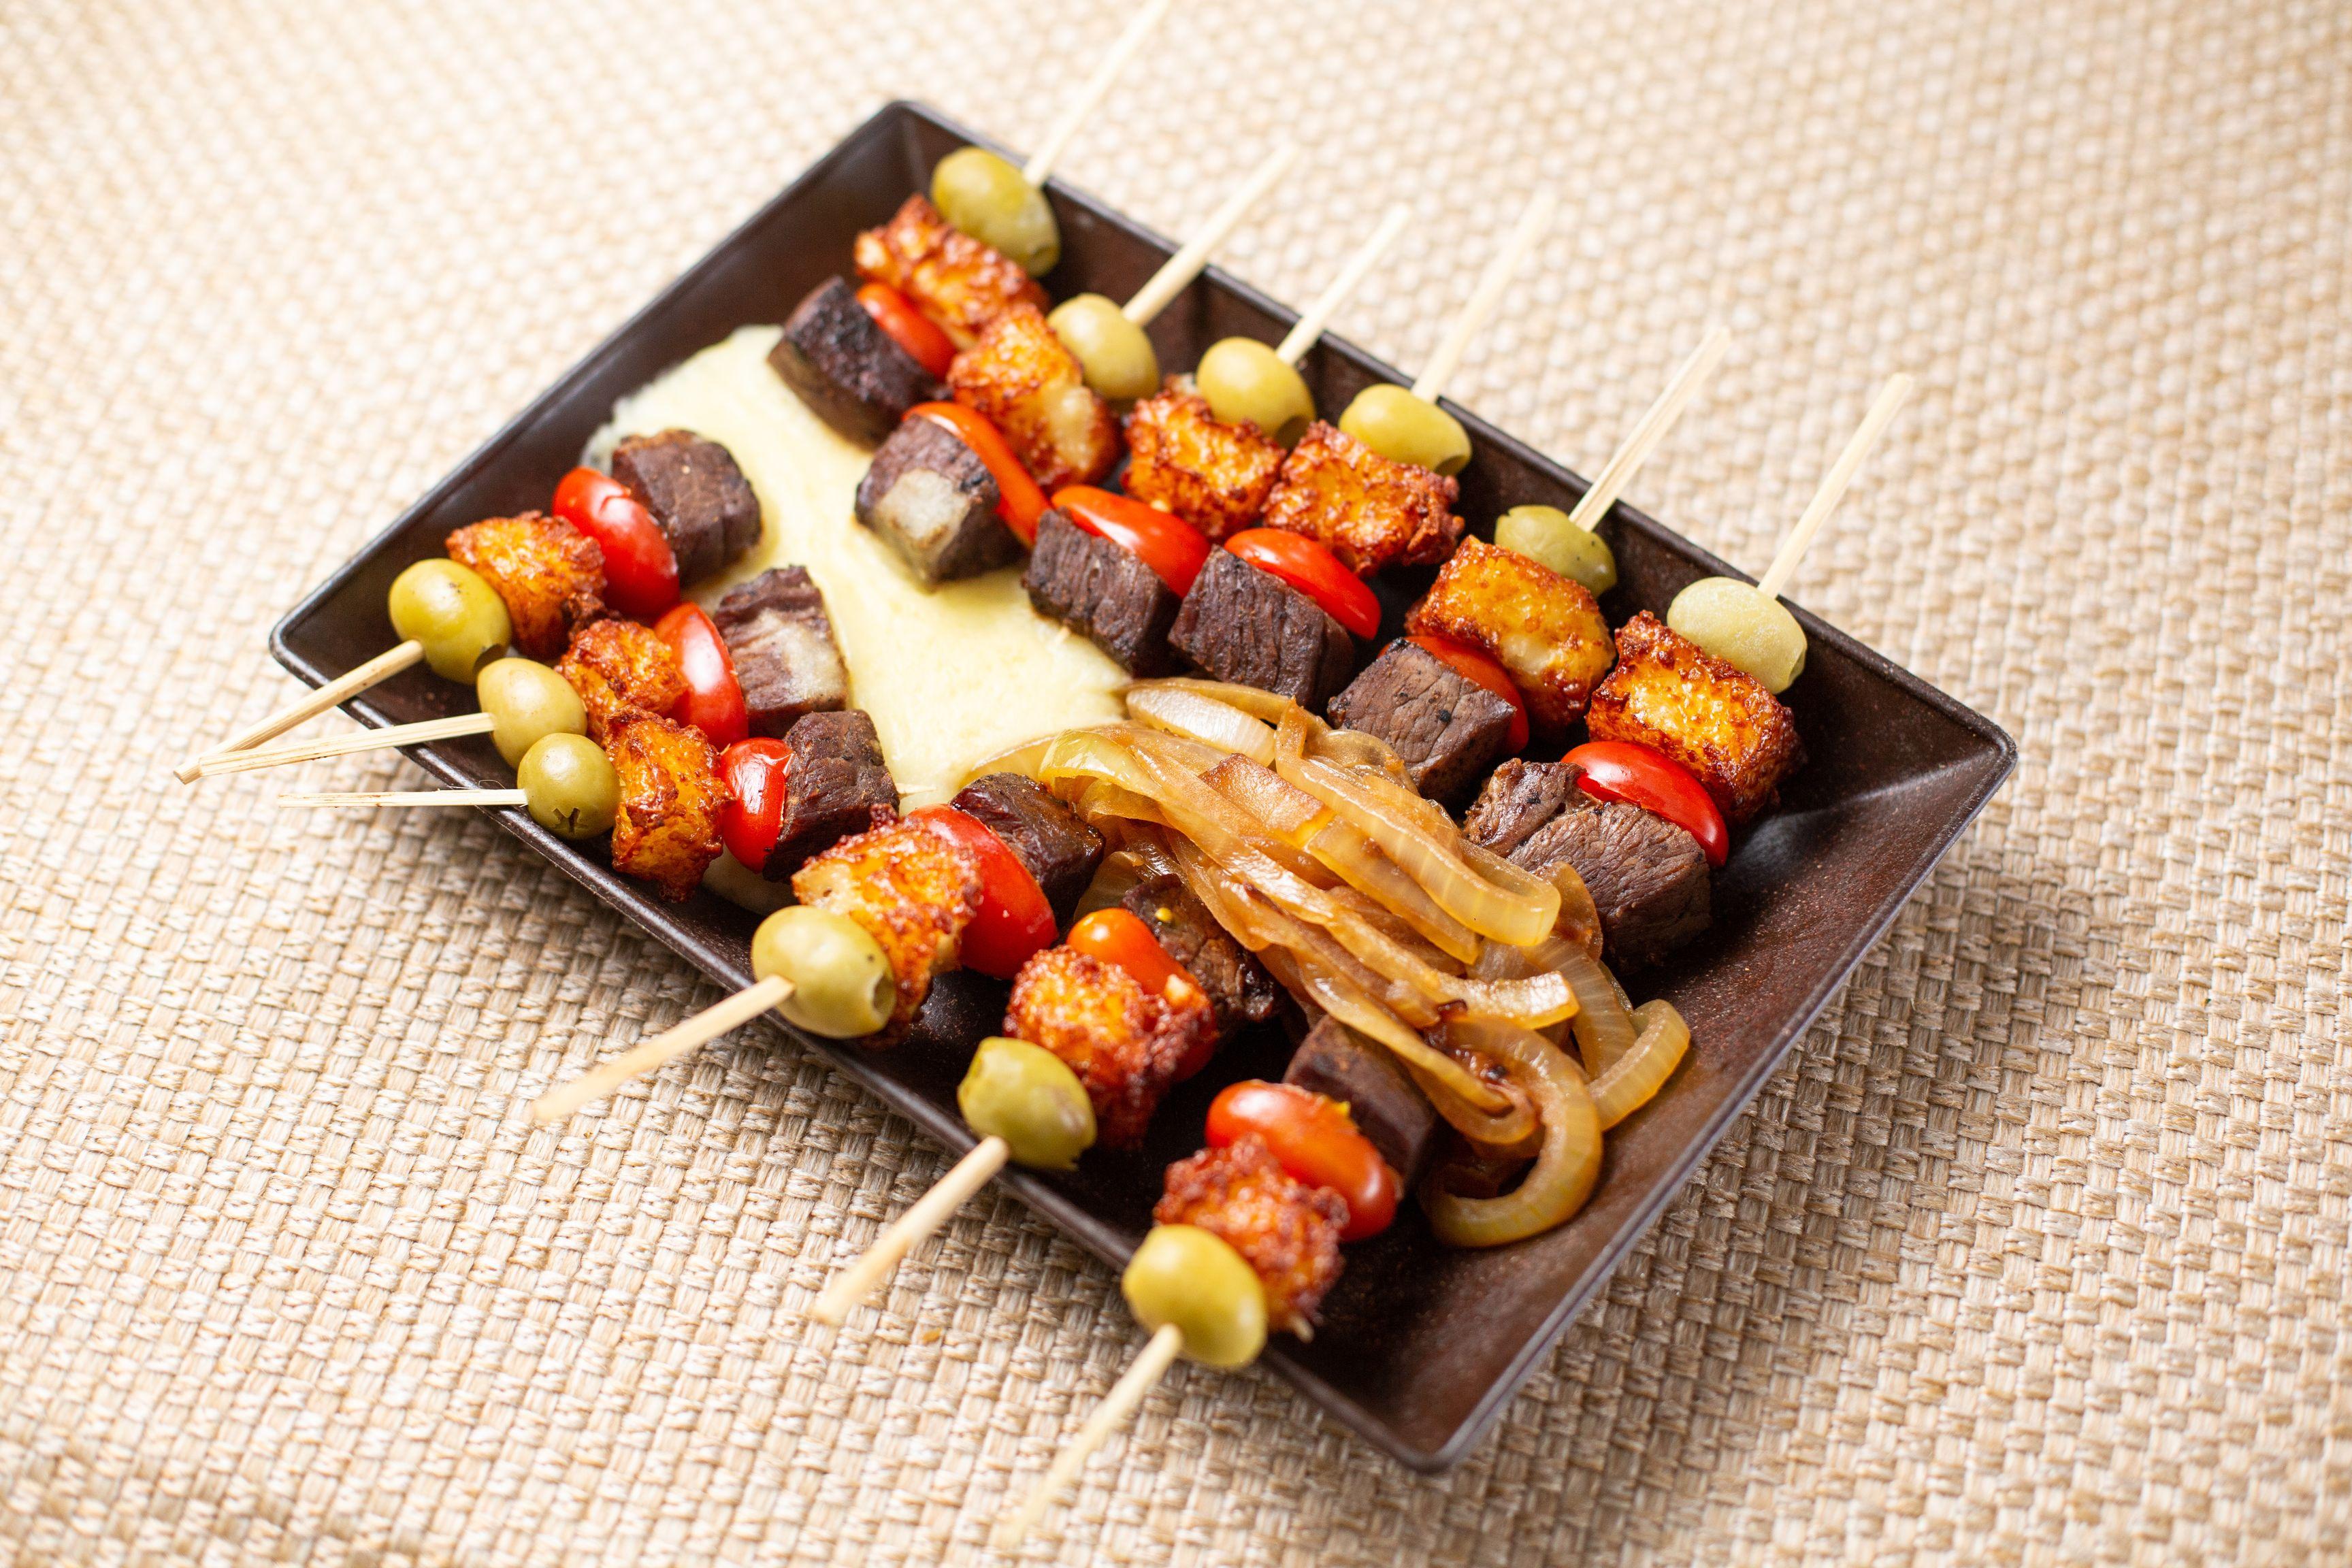 Comida di Buteco 2019 termina no dia 12 de maio em Goiânia e Aparecida